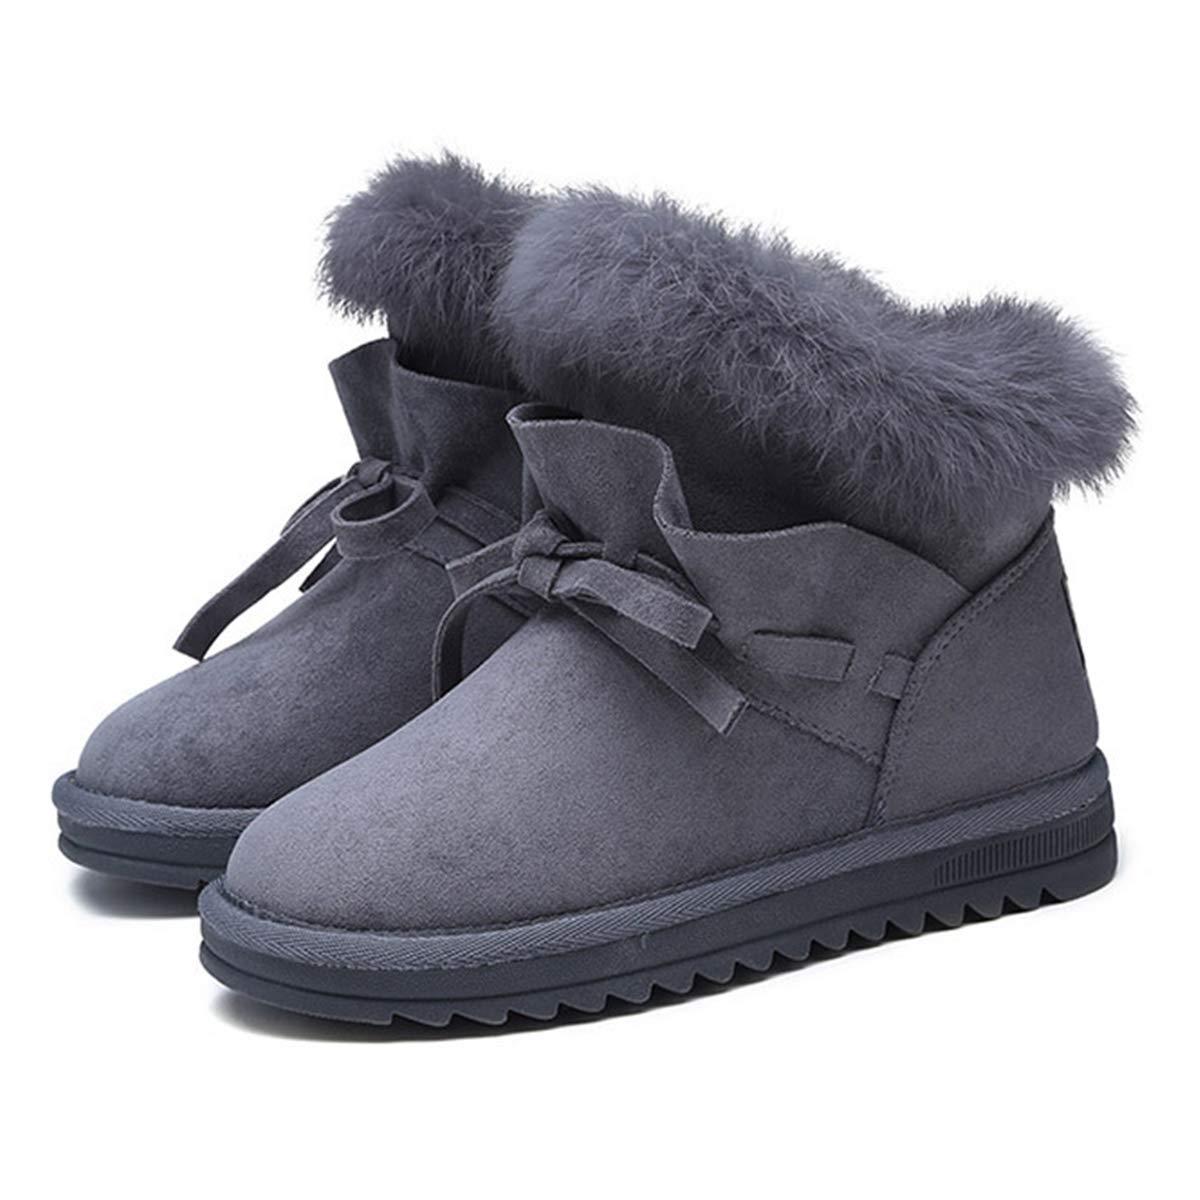 Bottes Femme de Neige Hiver Chaud Chaussure Neige 19911 de en Fourrée Bottes de Neige Mode Noir Kaki Gris Grande Size Boot en Peluche Respirant Mi-Bottes-Fanessy Gris 857ed8f - jessicalock.space